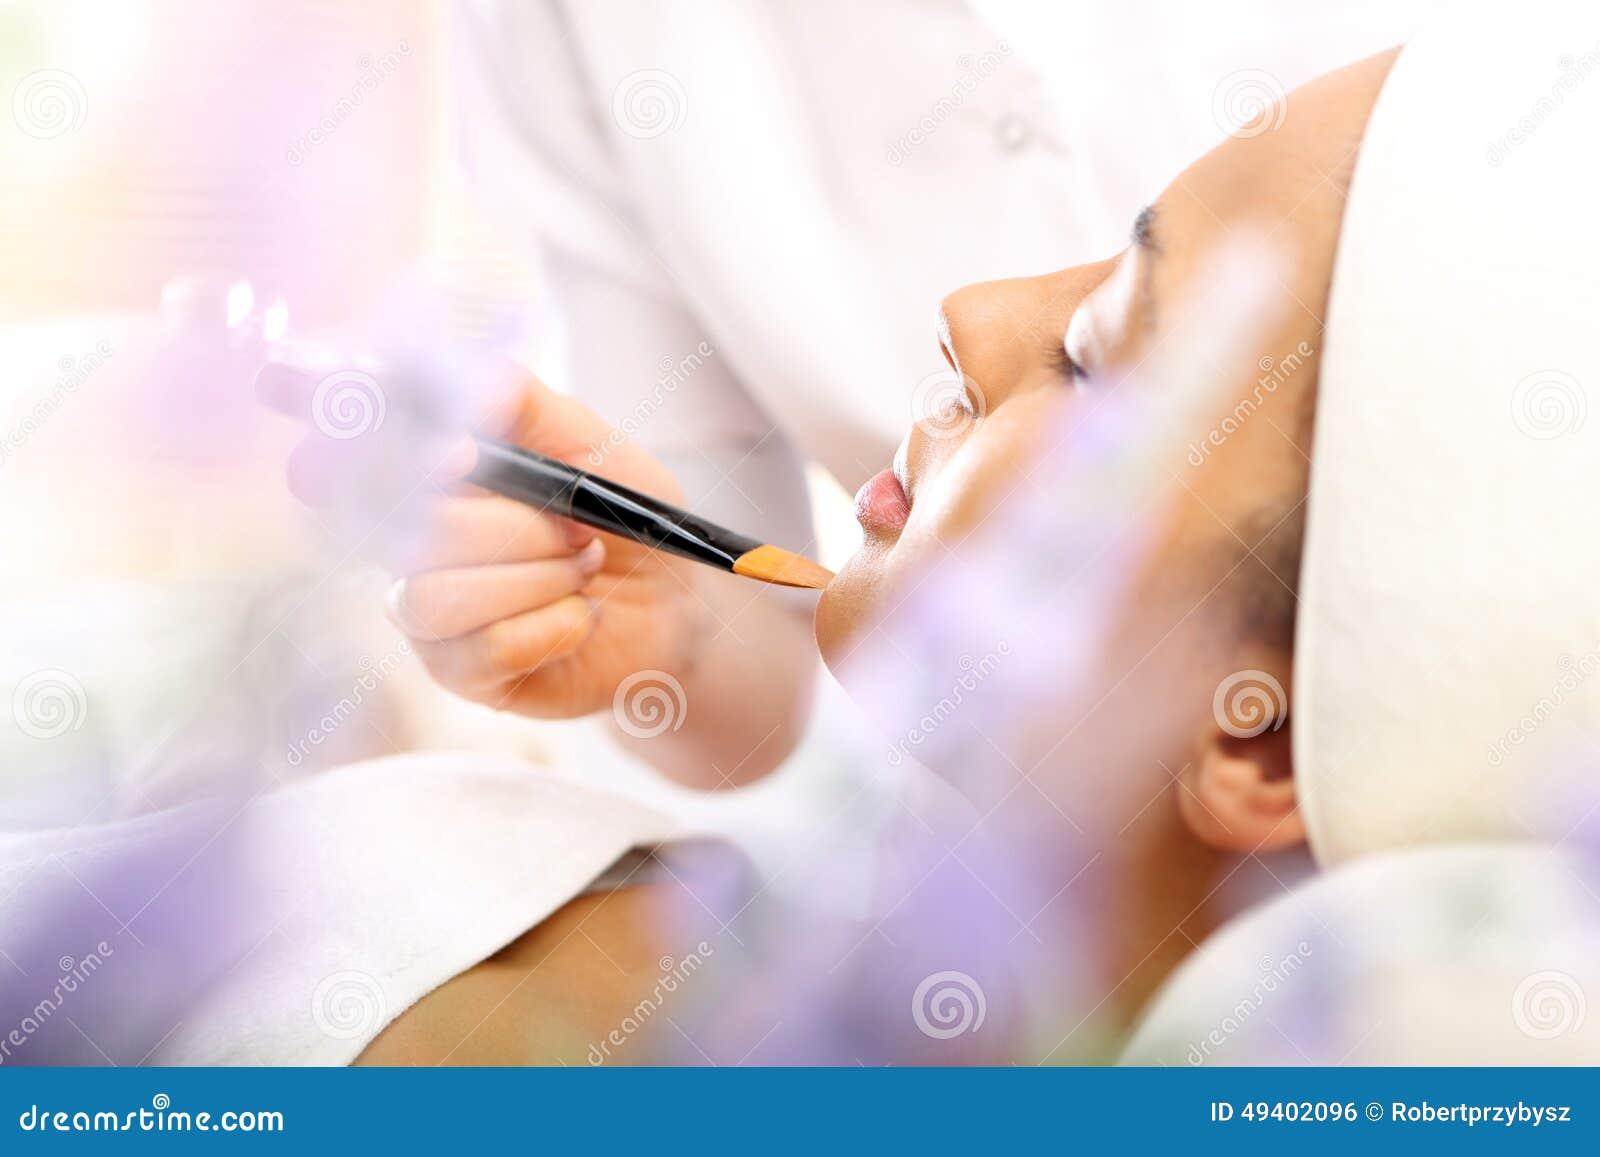 Download Wellness stockfoto. Bild von gesundheit, kosmetik, erwachsener - 49402096